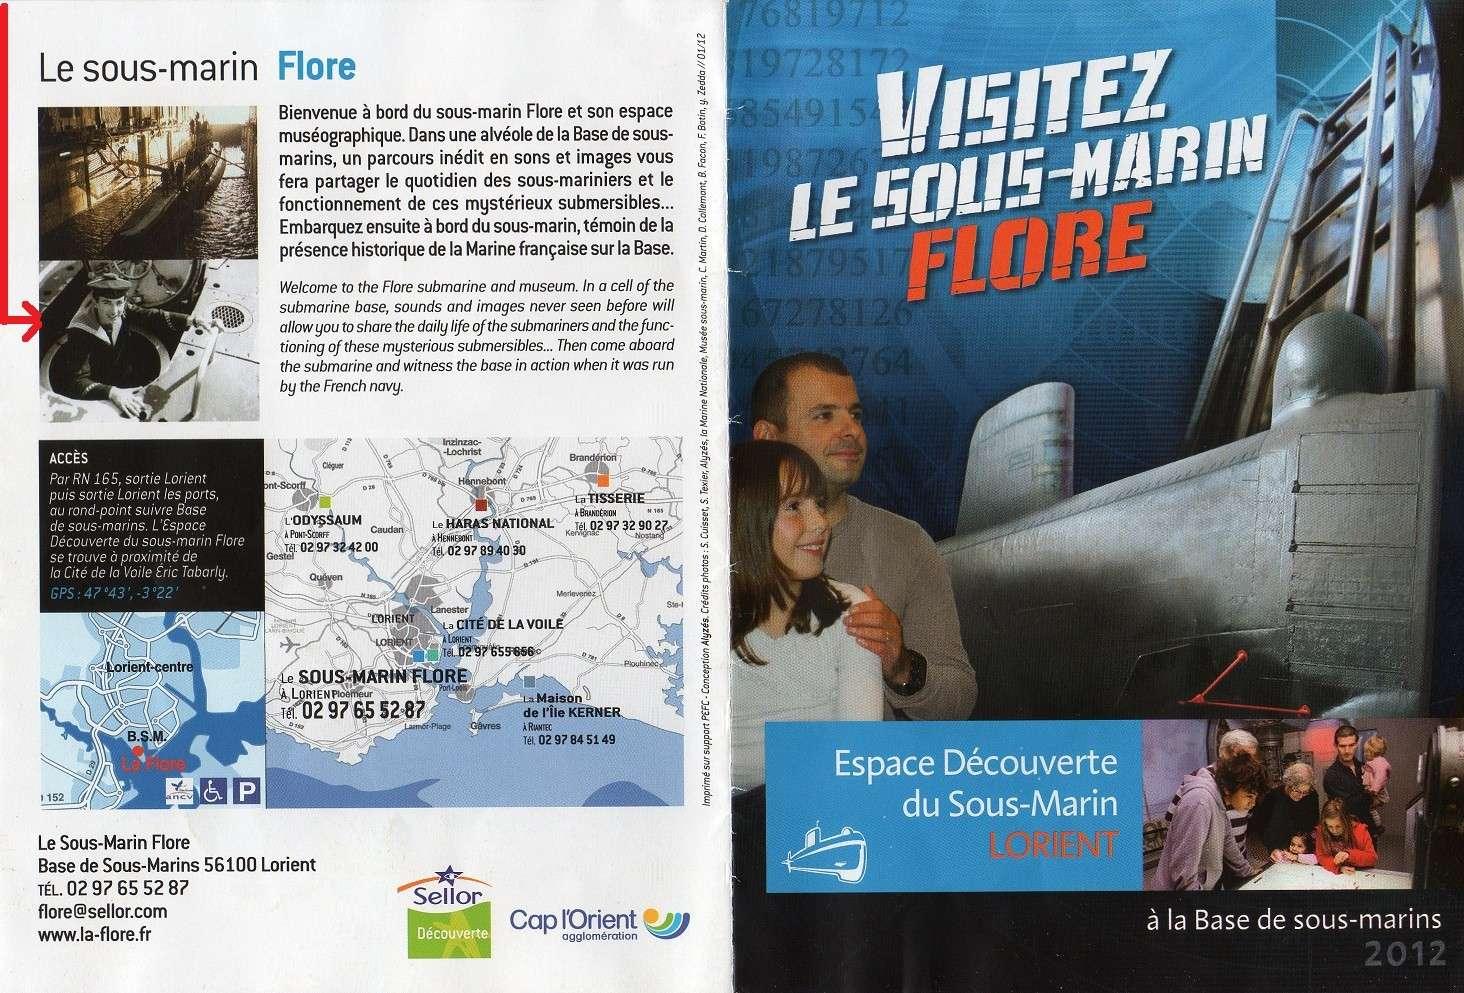 [Les Musées en rapport avec la Marine] Sous-Marin  Flore - Page 11 Img01110